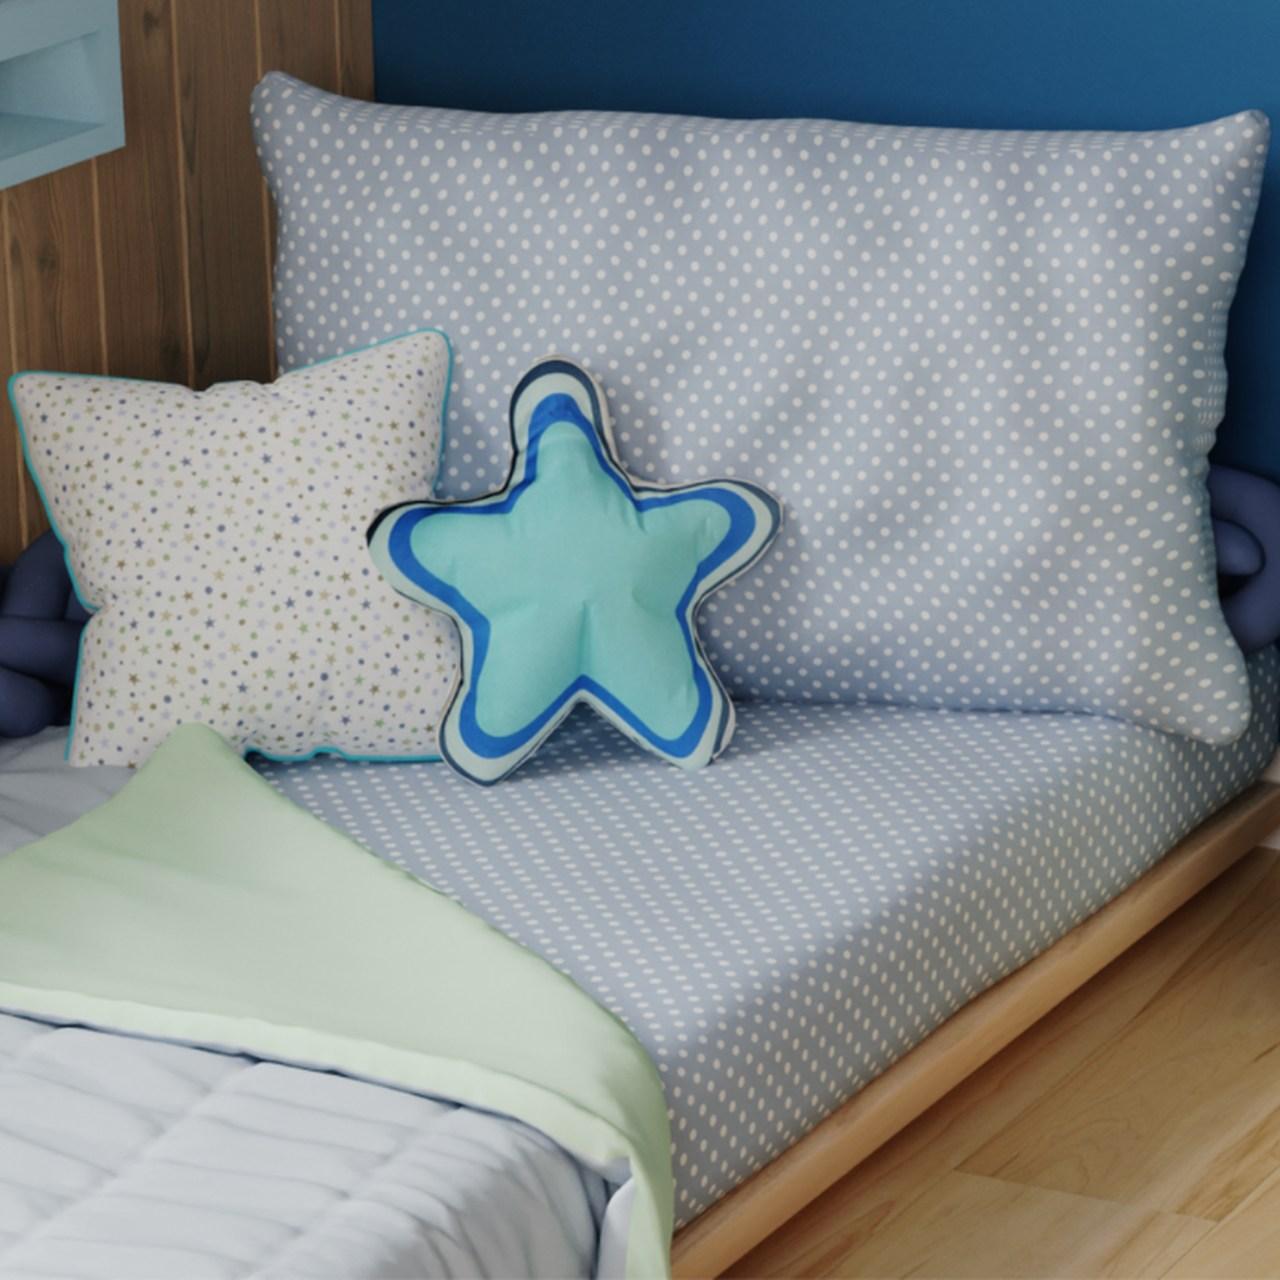 Jogo de lençol mini cama 100% algodão Confete azul